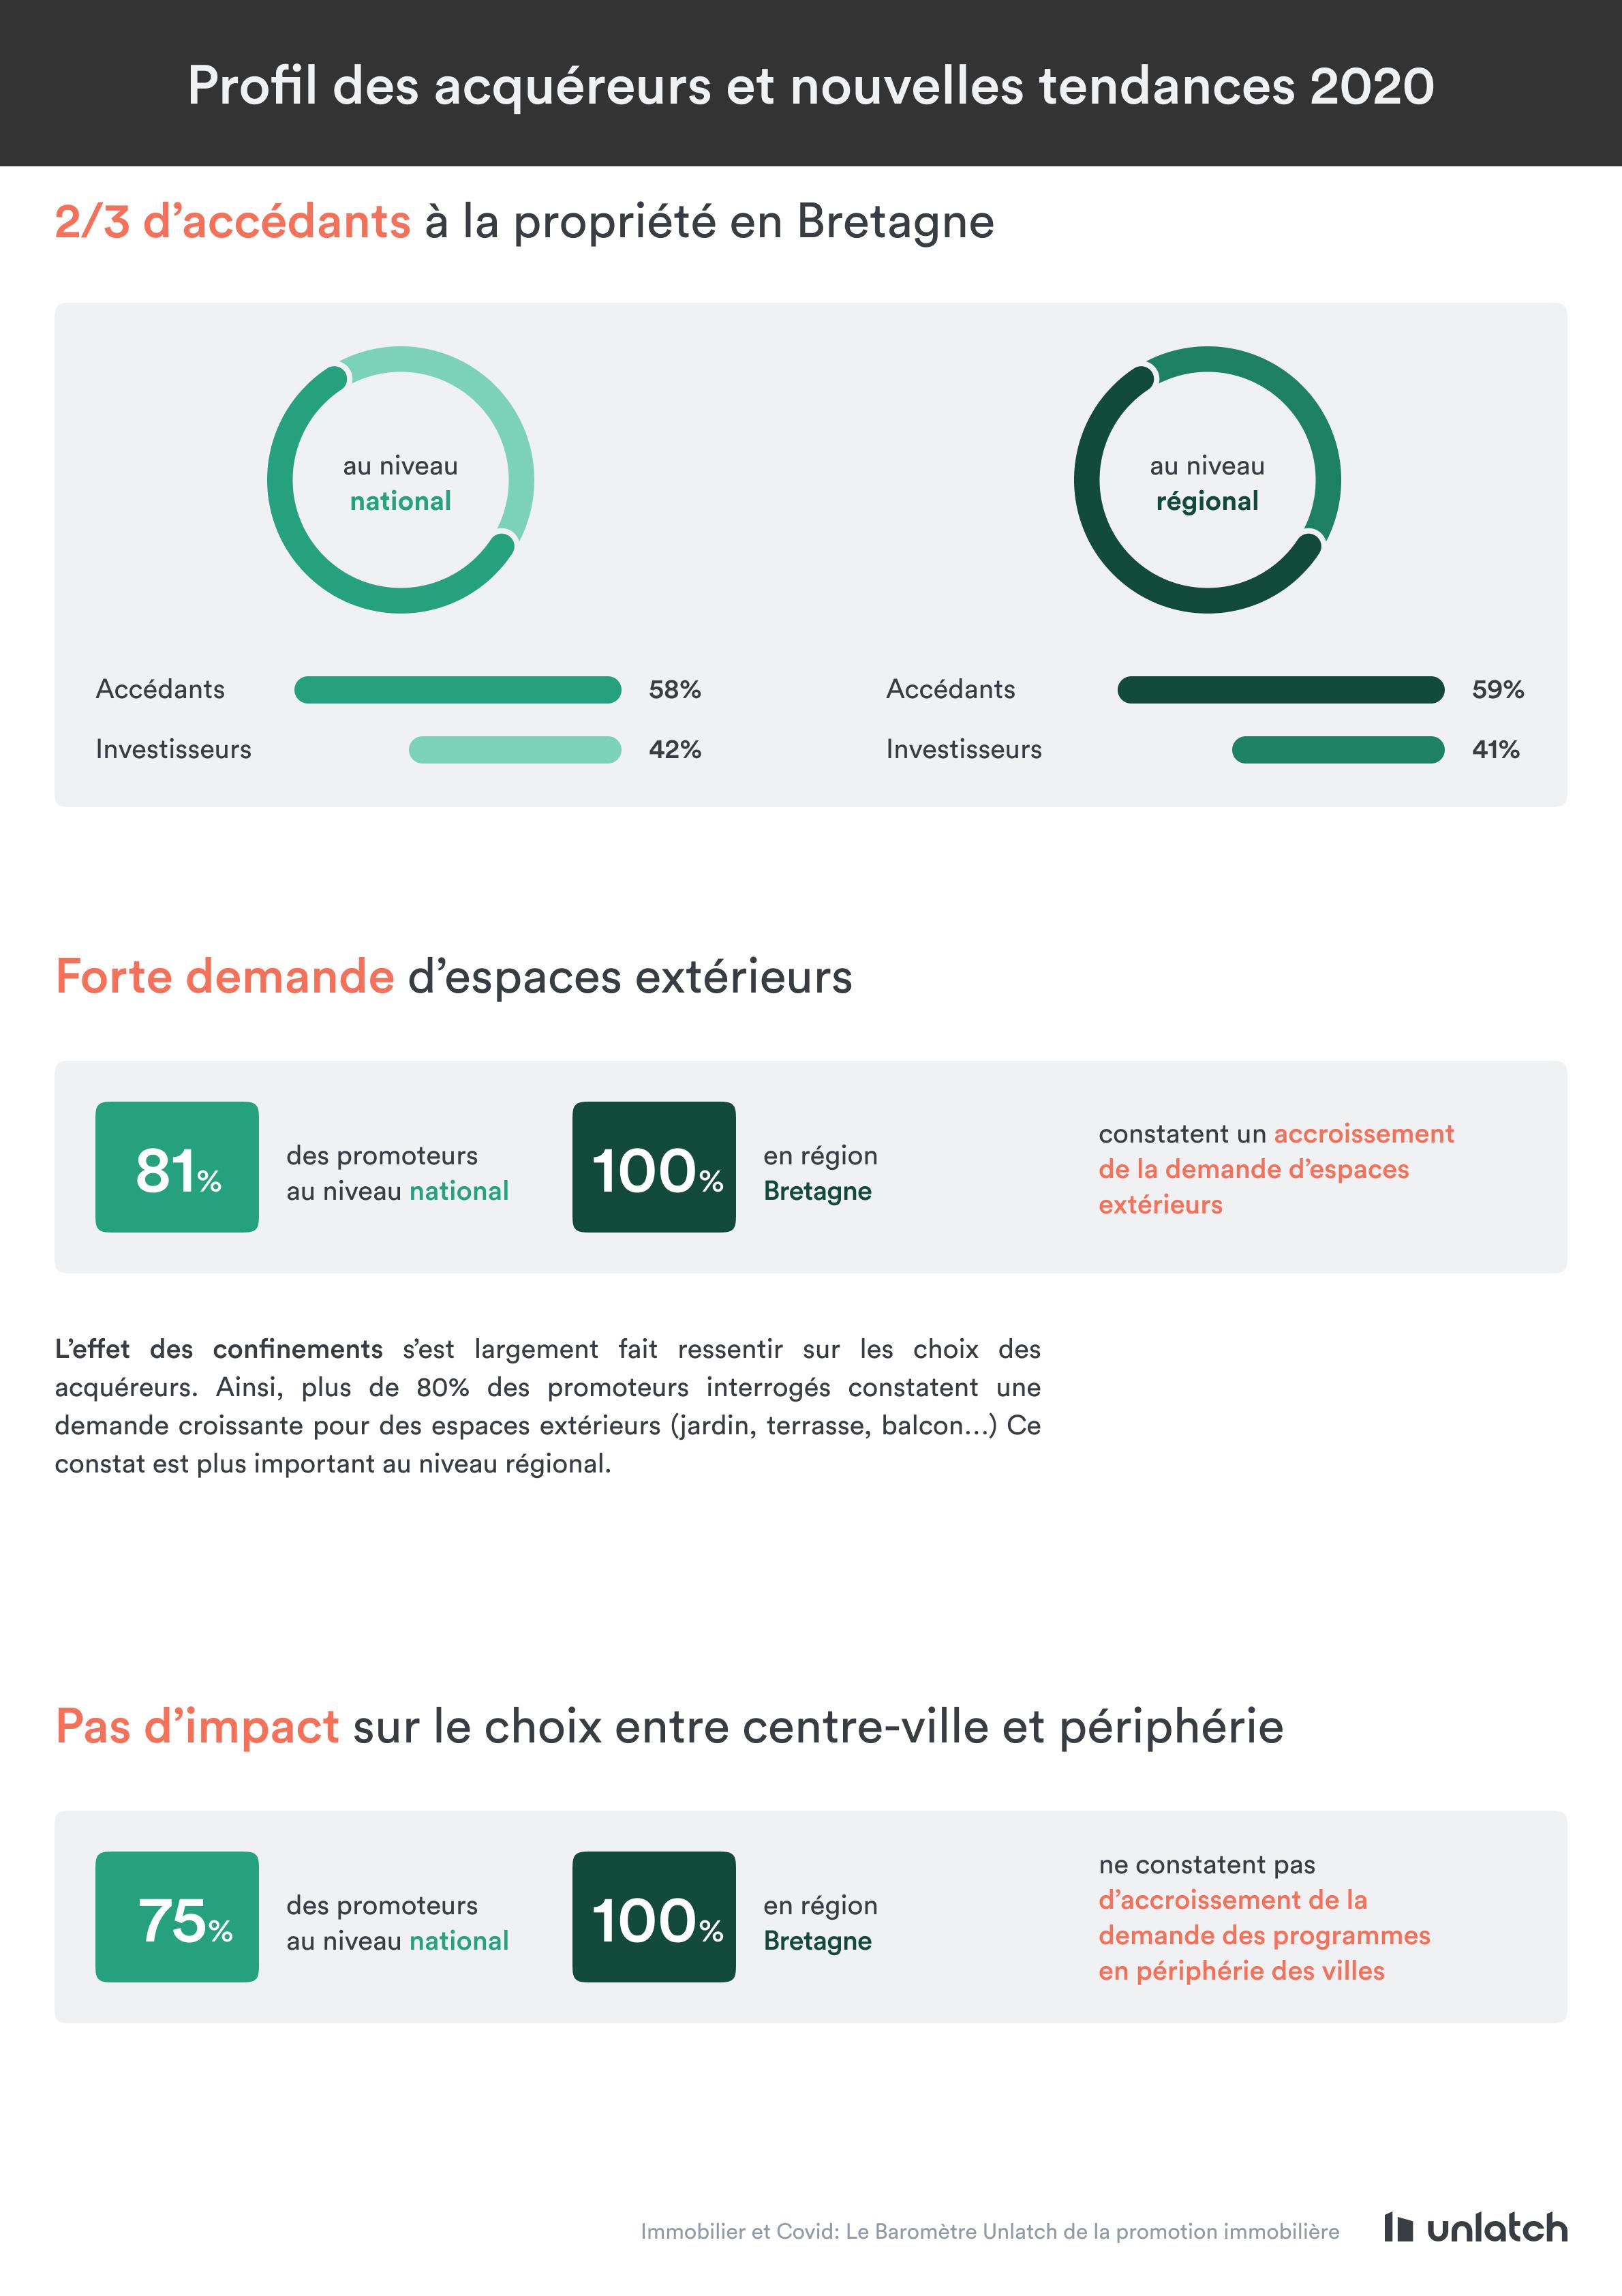 profil des acquéreurs immobiliers en bretagne